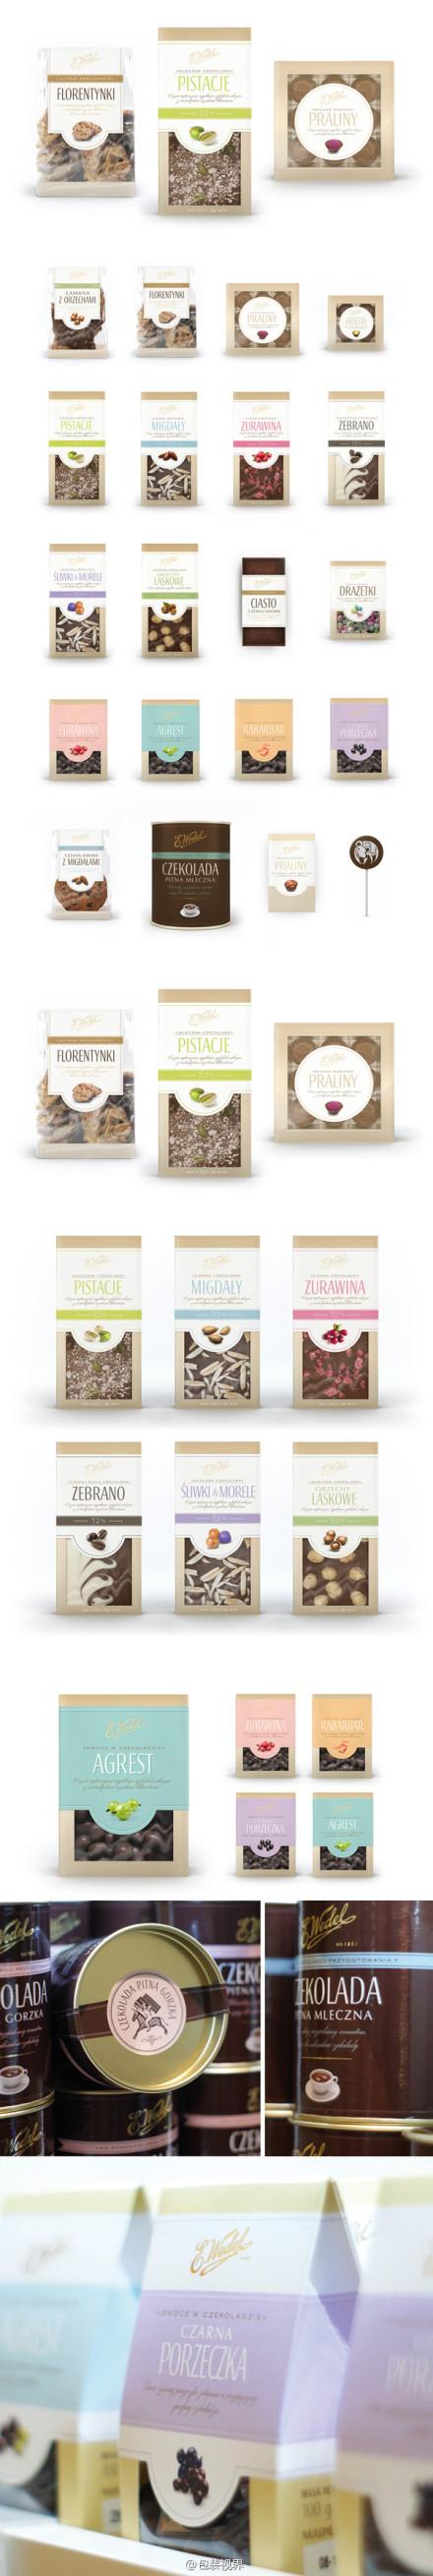 特色的食品包装设计欣赏|美御品牌设计